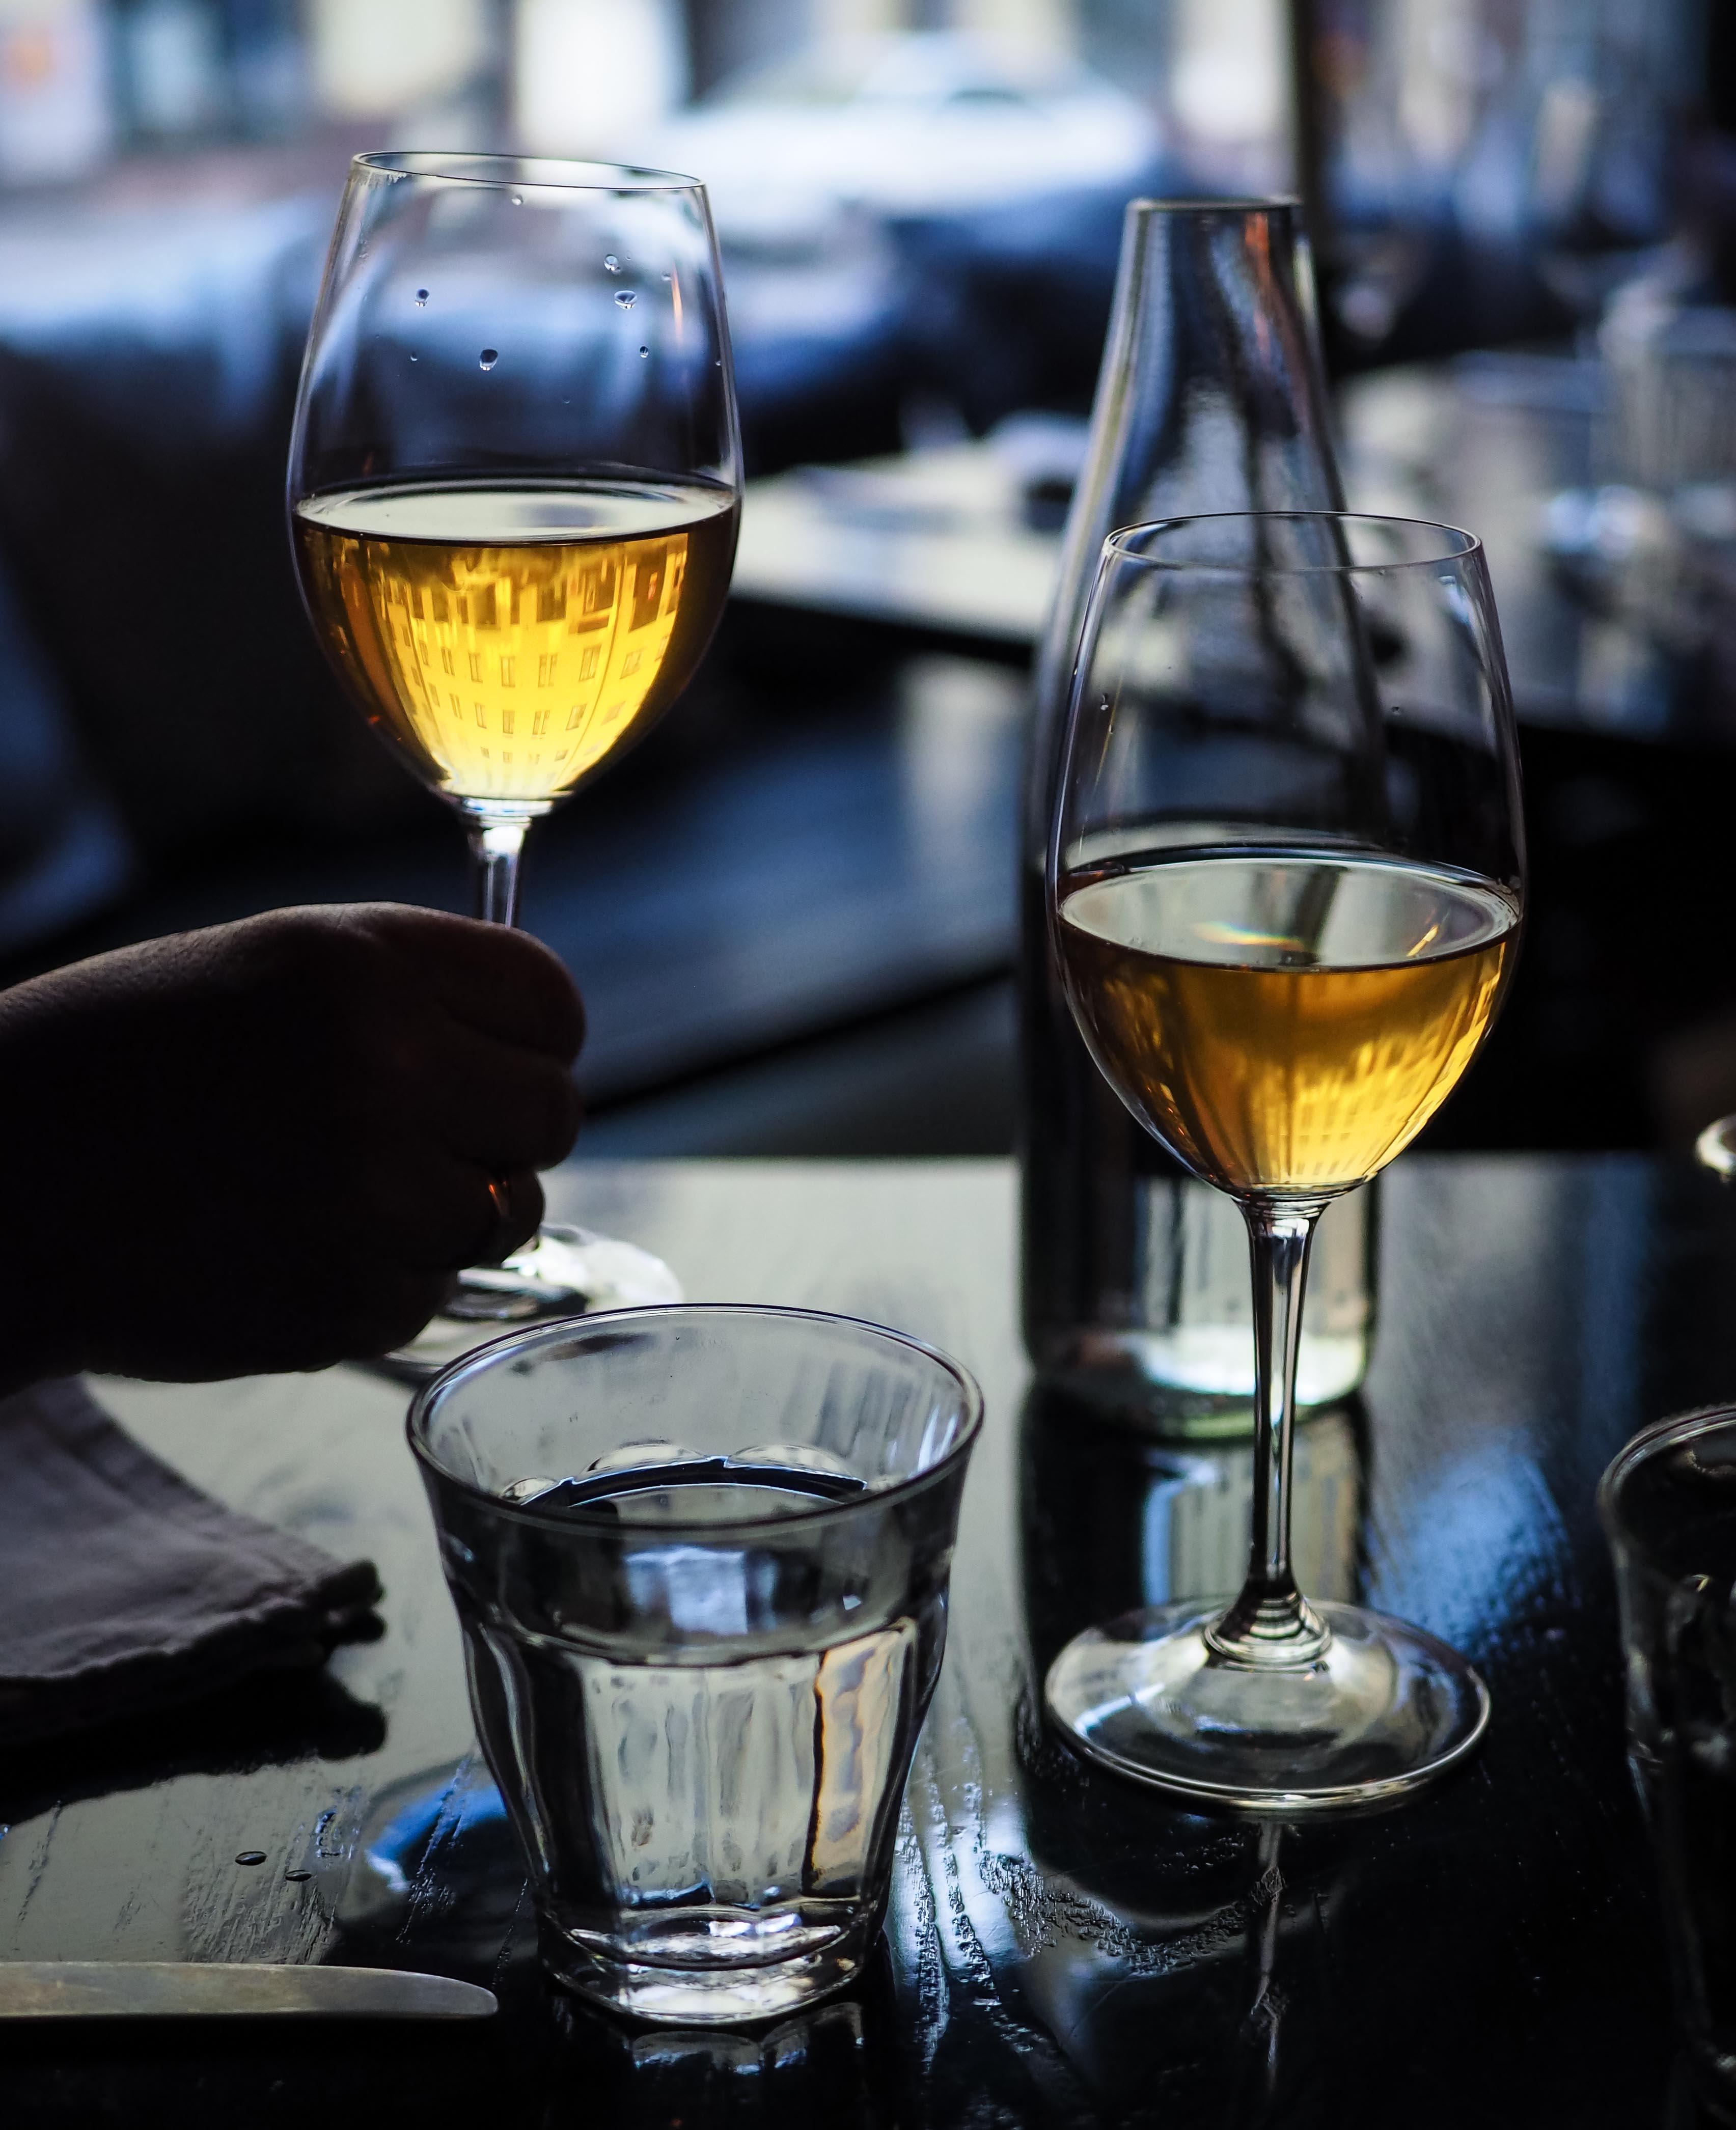 wino kallio